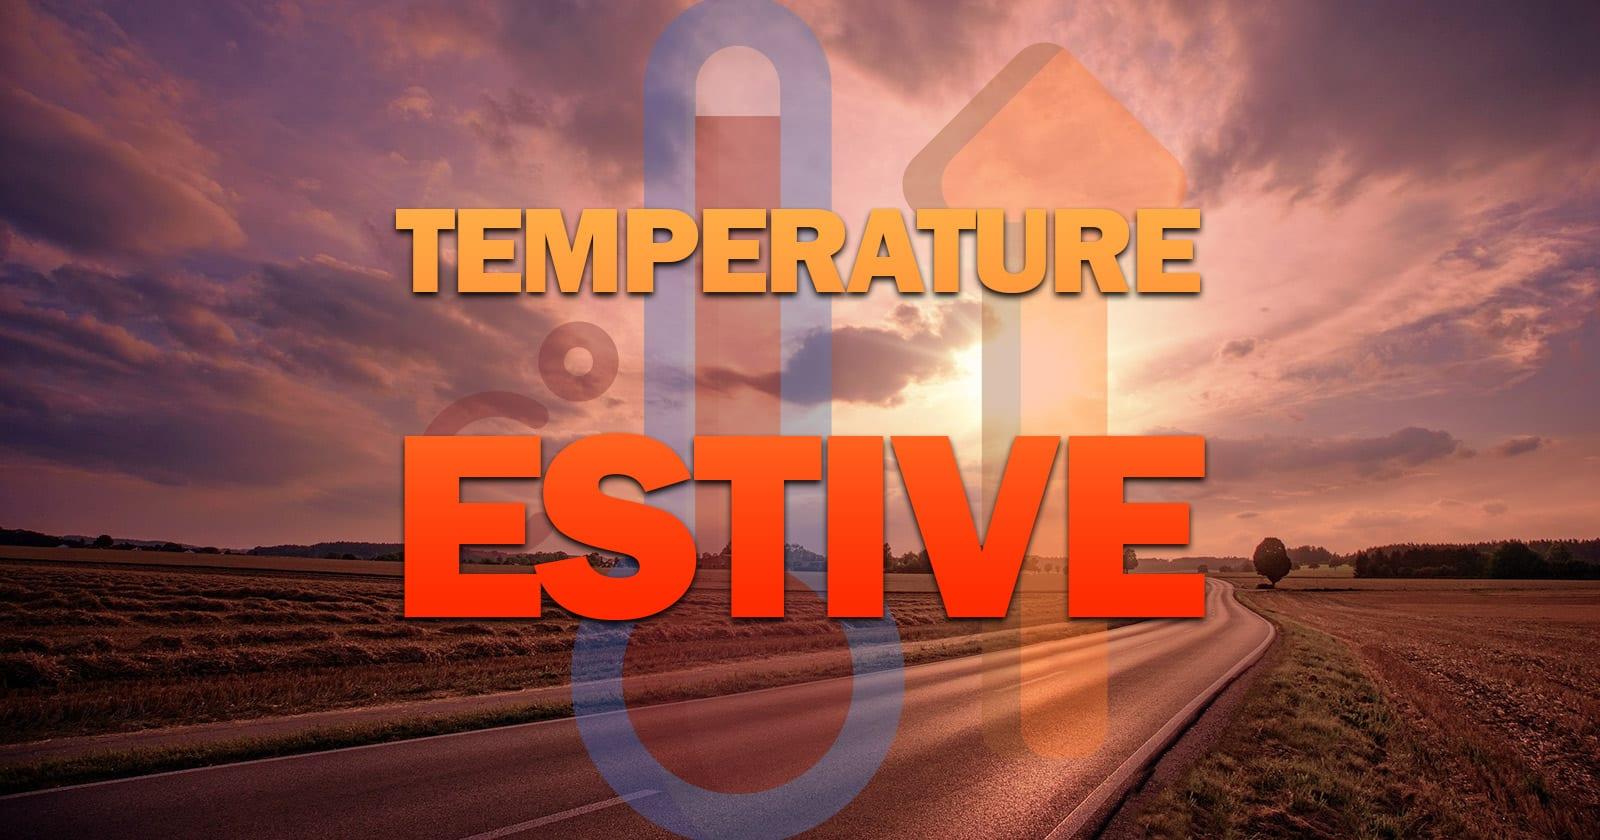 In arrivo temperature estive in Italia, ecco dove - Centro Meteo italiano